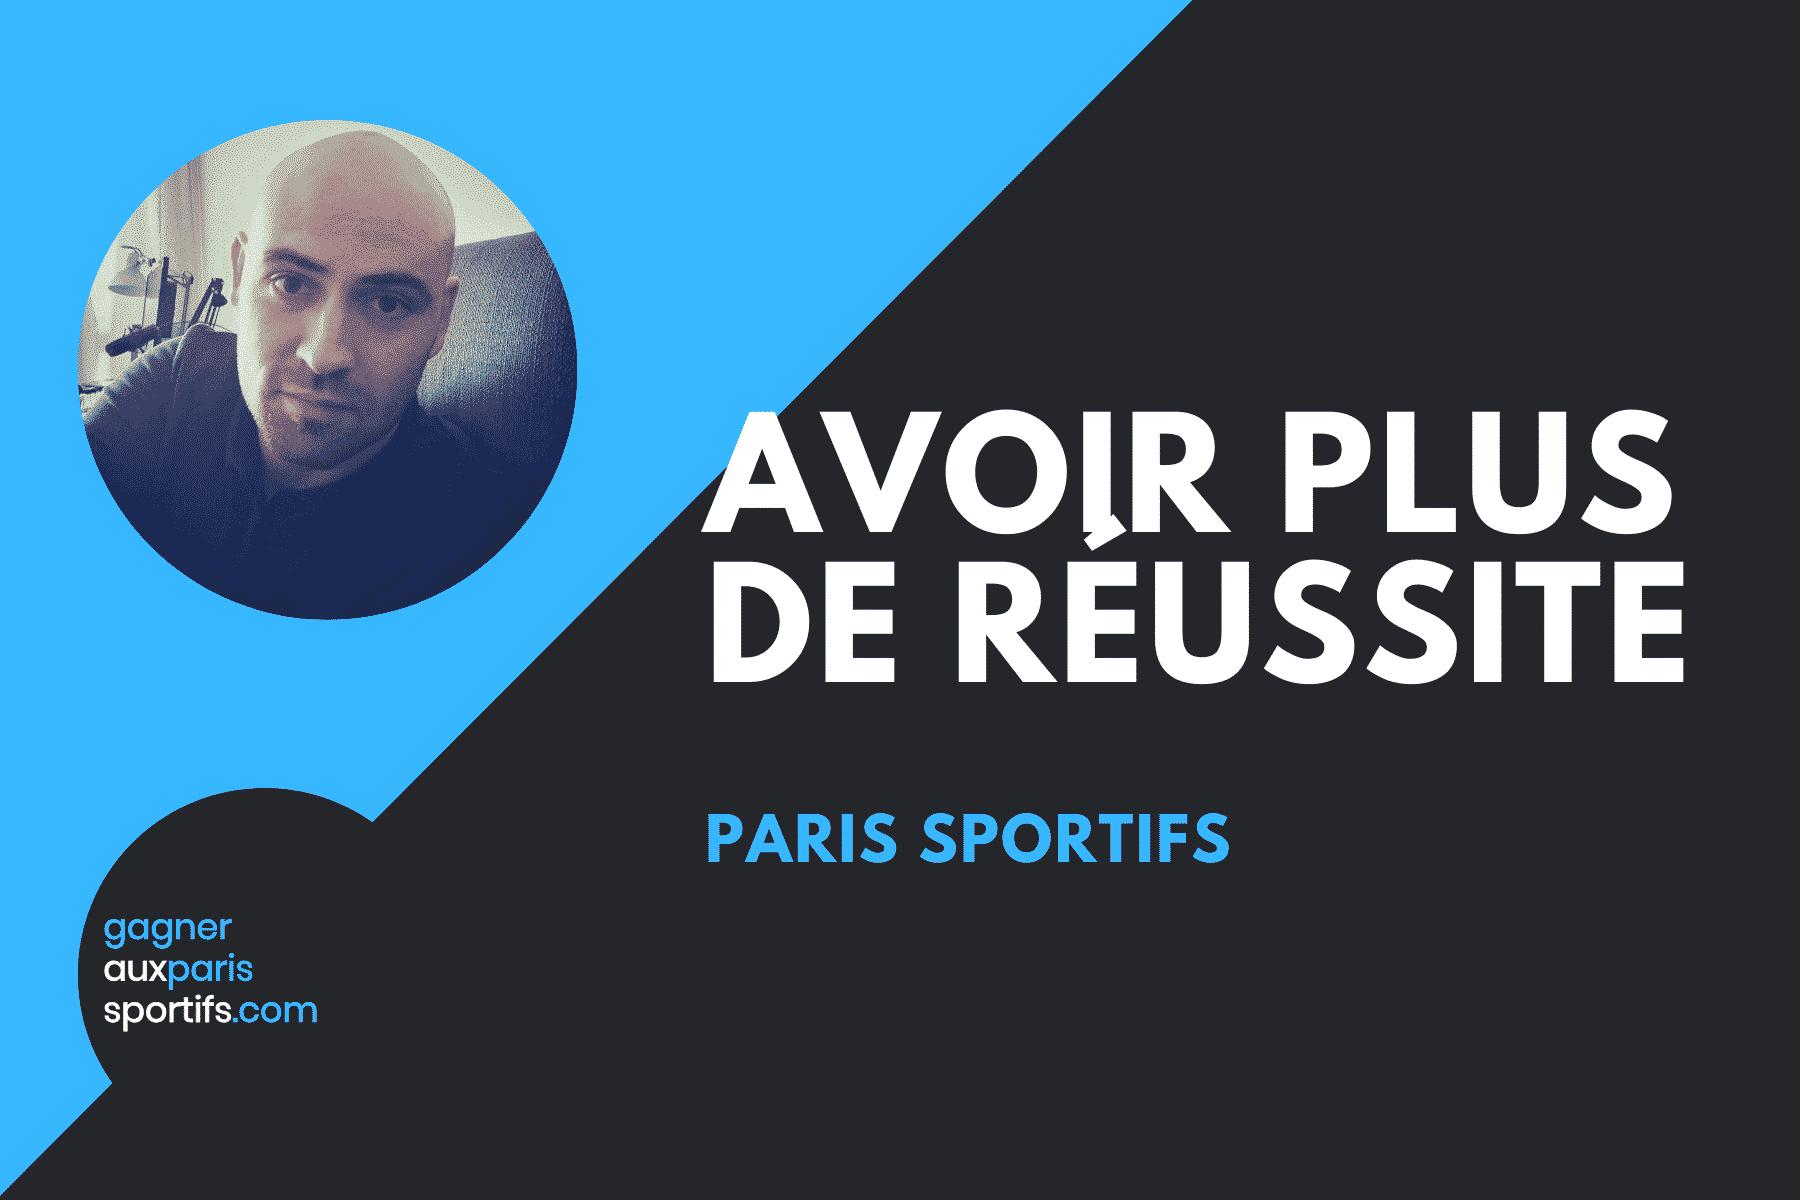 Paris sportifs _ Avoir plus de réussite